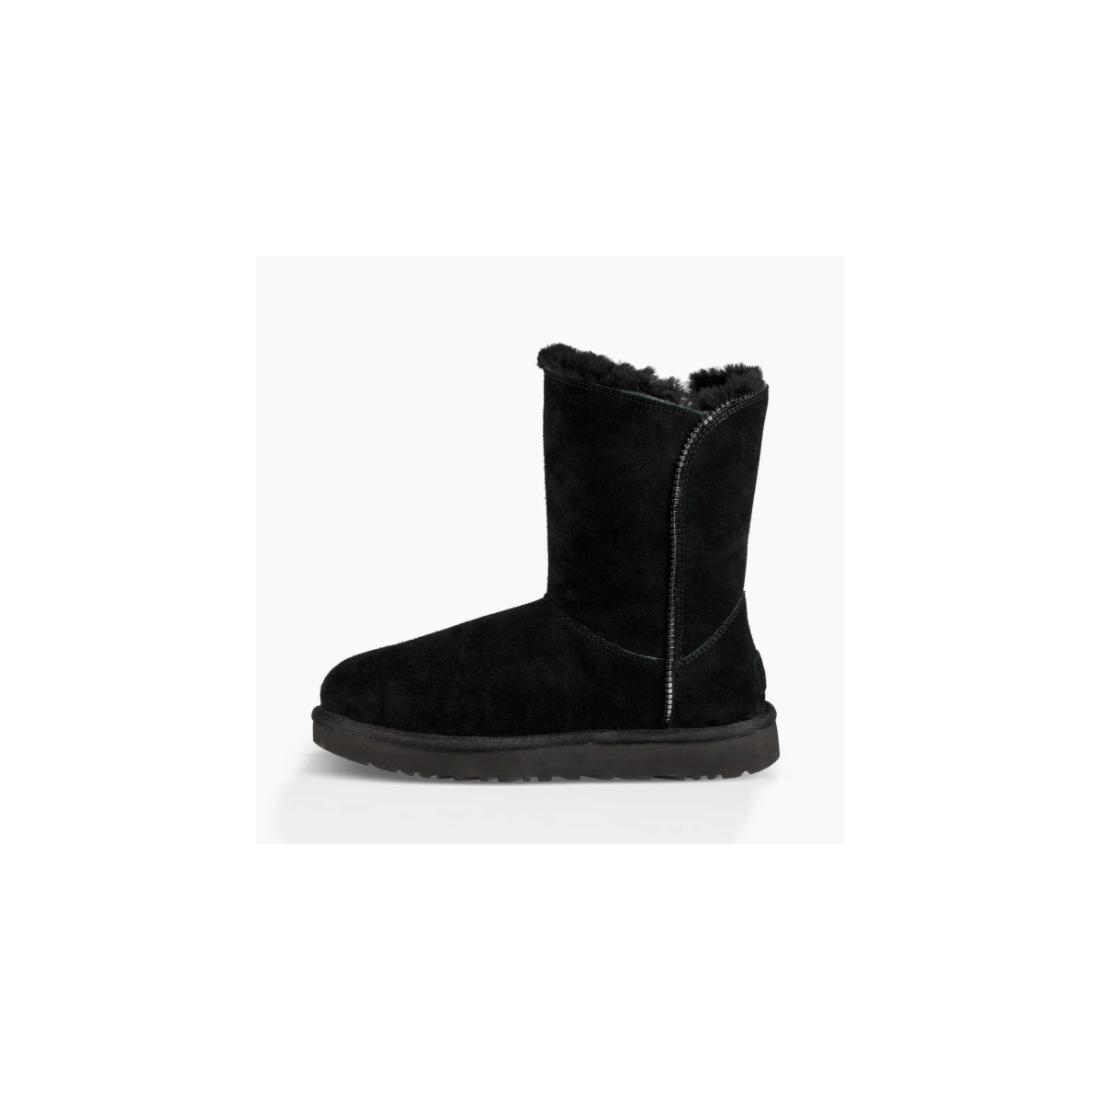 boots woman ugg ugsmaricebk1019633 marice 2547